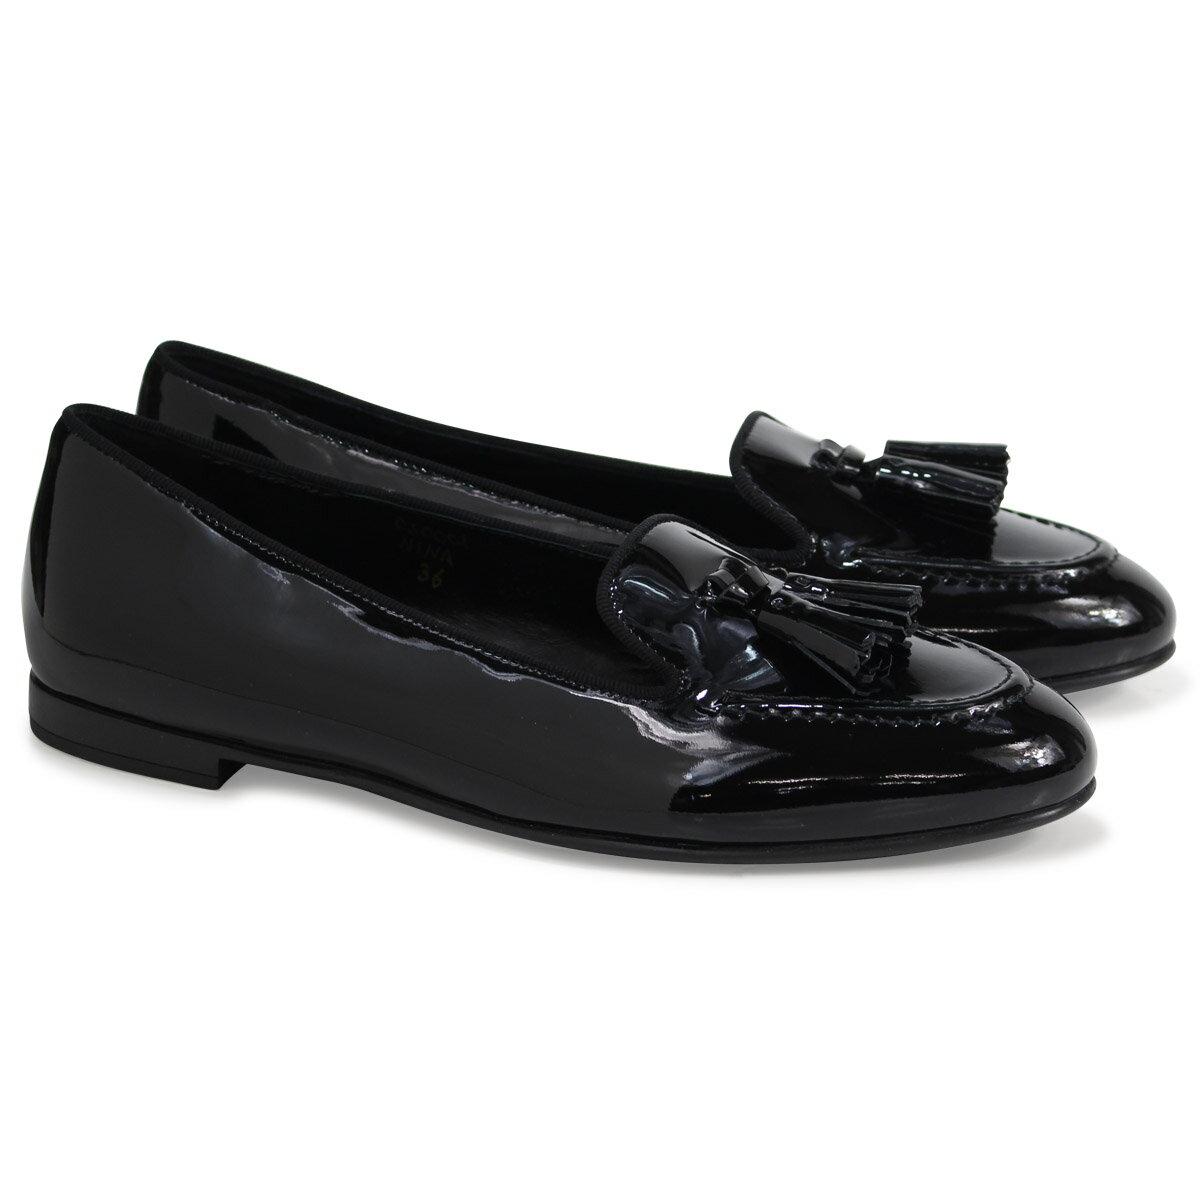 Church's NINA LOAFERS チャーチ 靴 レディース ローファー ブラック DS0001